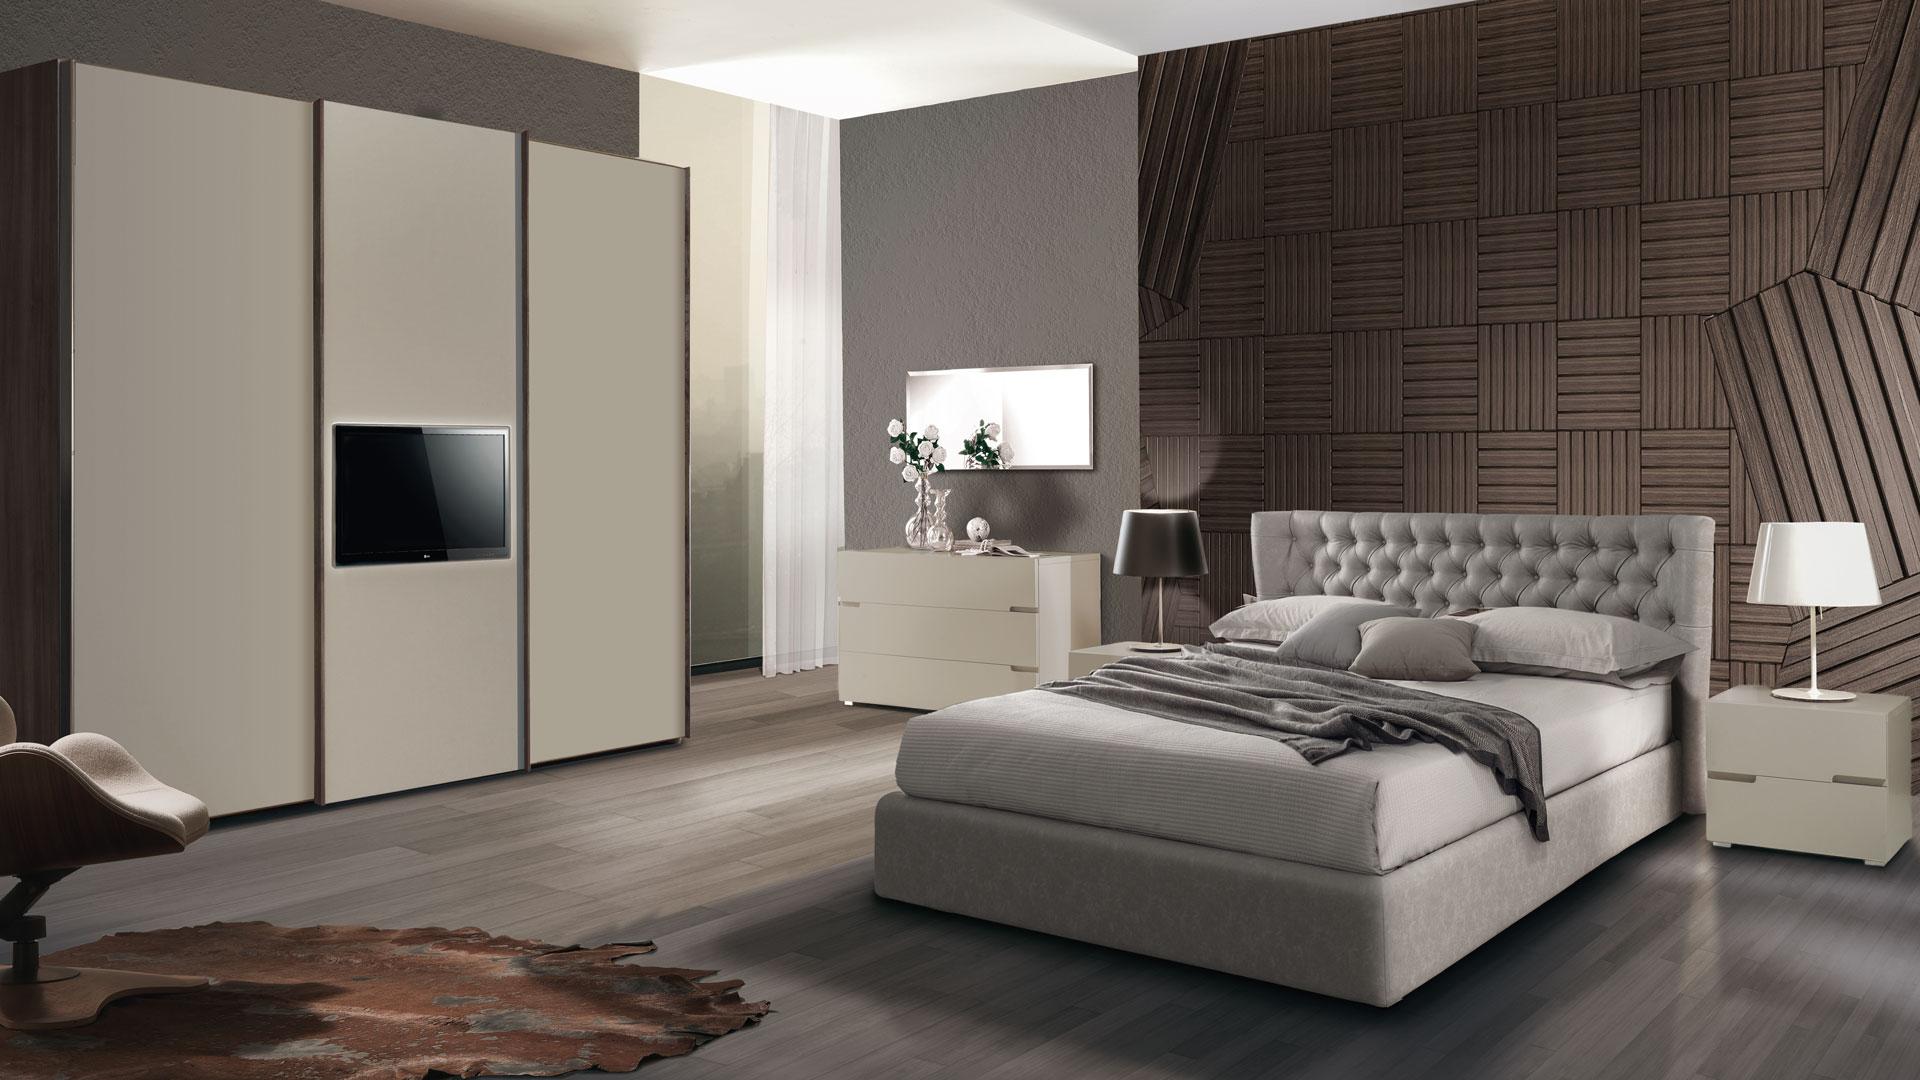 Camera letto manila af selezioni di arredamento for Camere da letto moderne marche